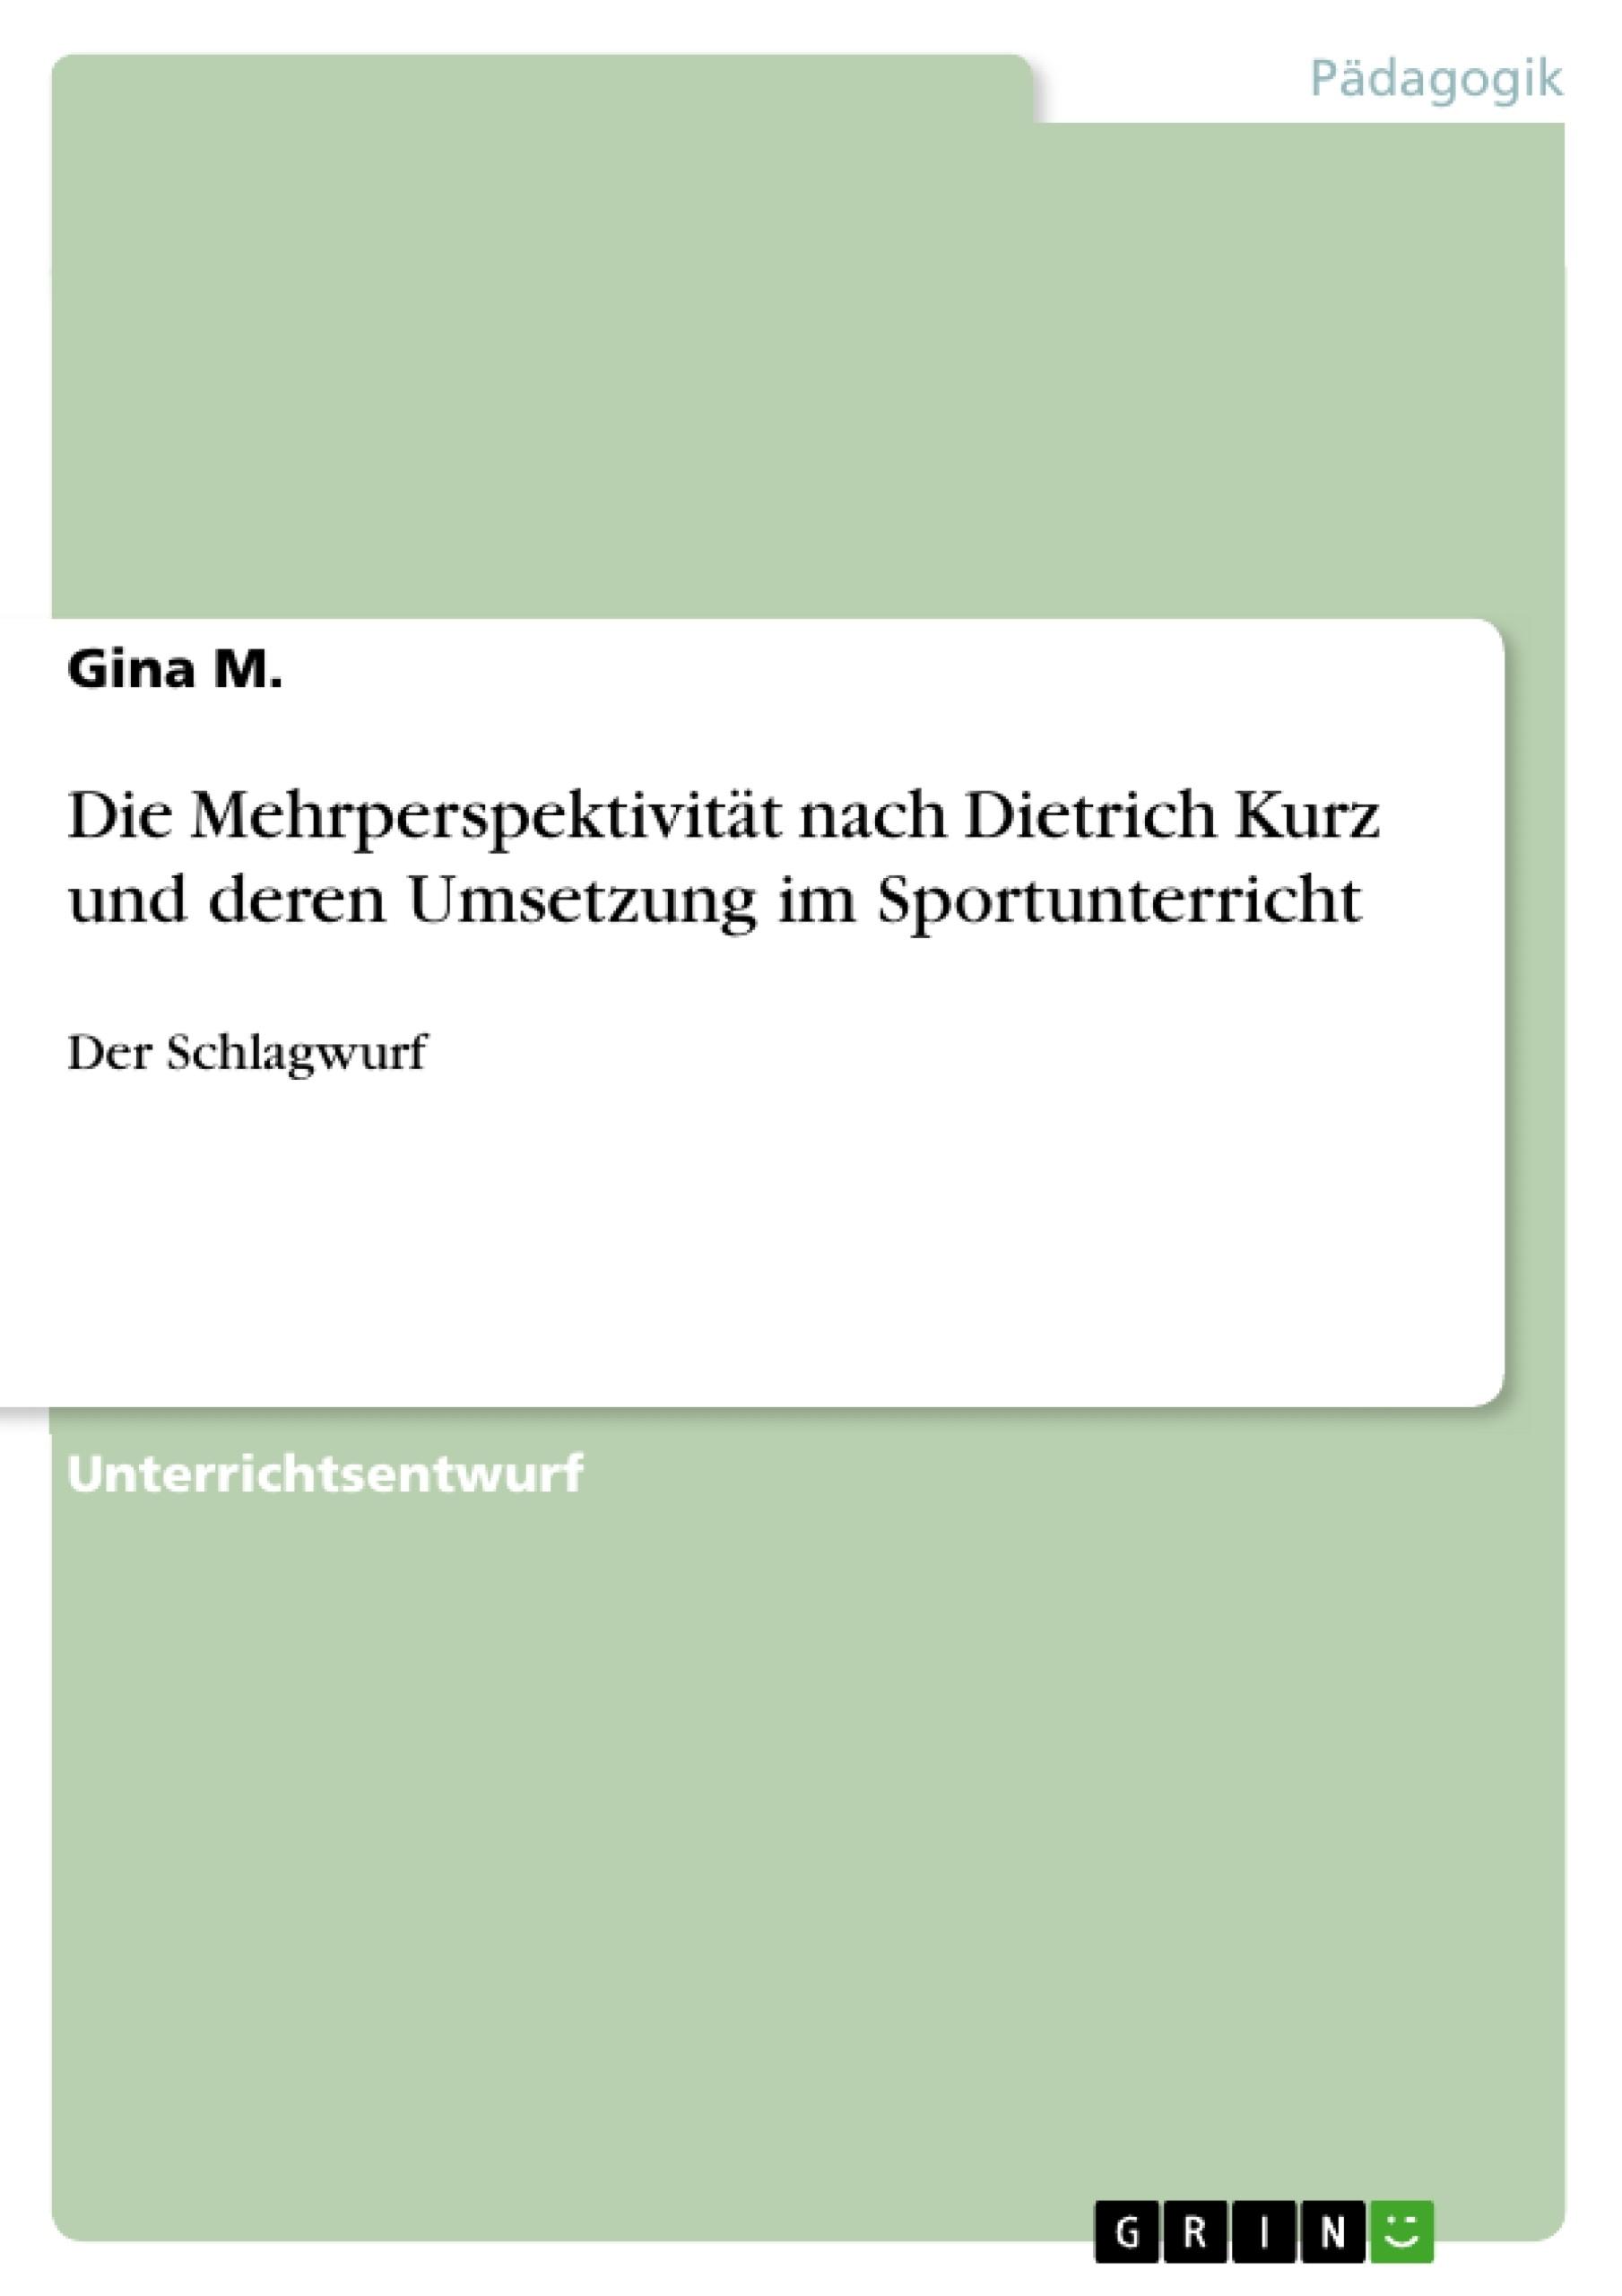 Titel: Die Mehrperspektivität nach Dietrich Kurz und deren Umsetzung im Sportunterricht